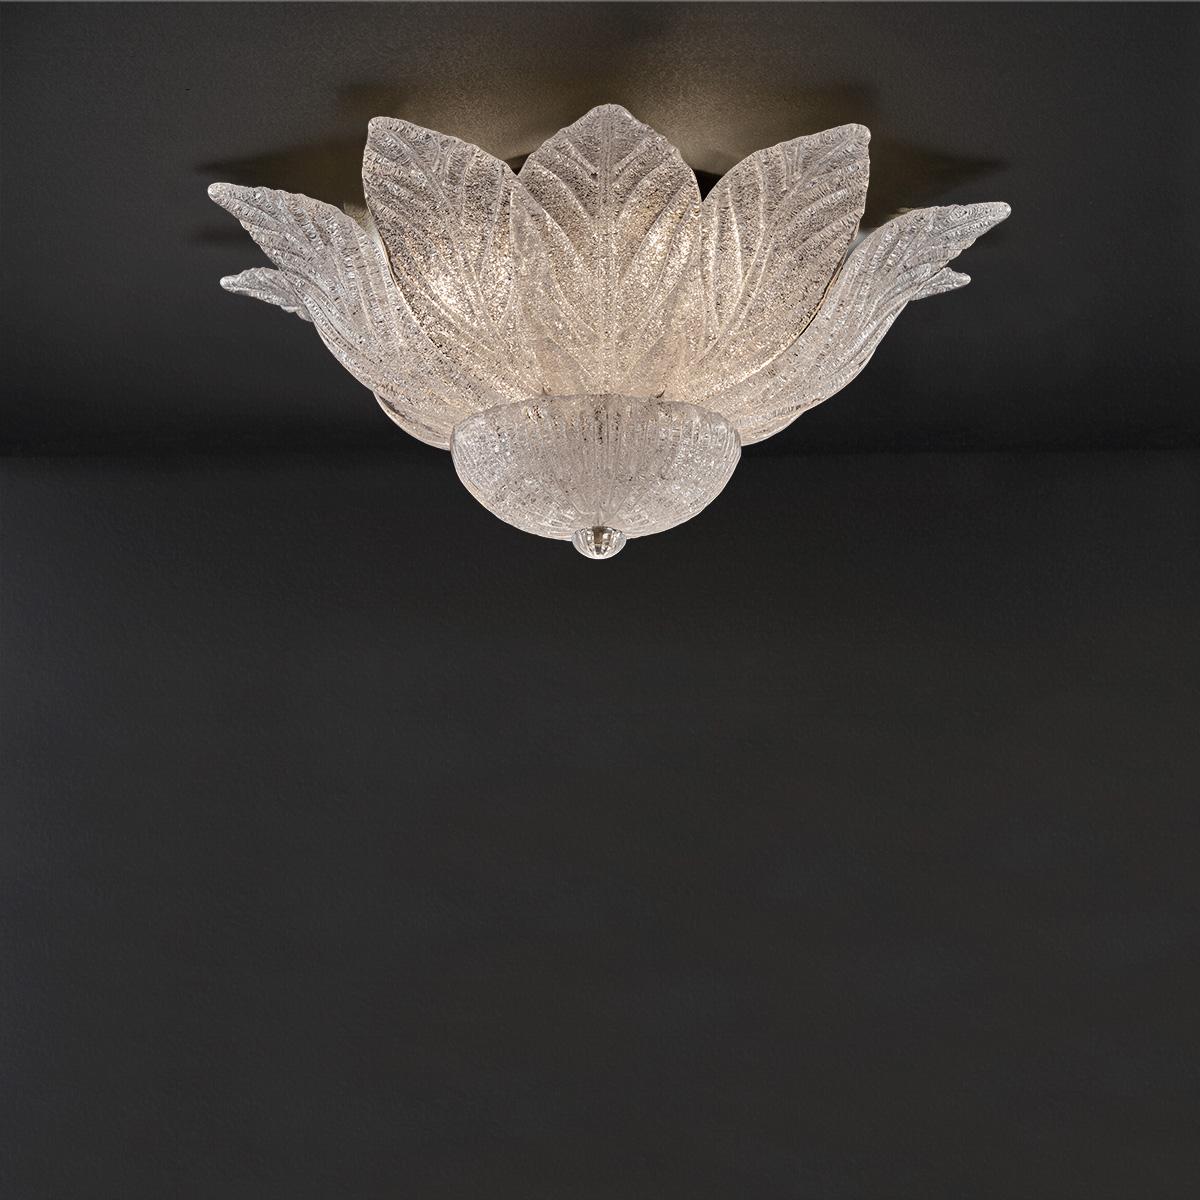 Φωτιστικό οροφής με κρυστάλλινα φύλλα Μουράνο STELLA classic ceiling lamp with crystal leaves